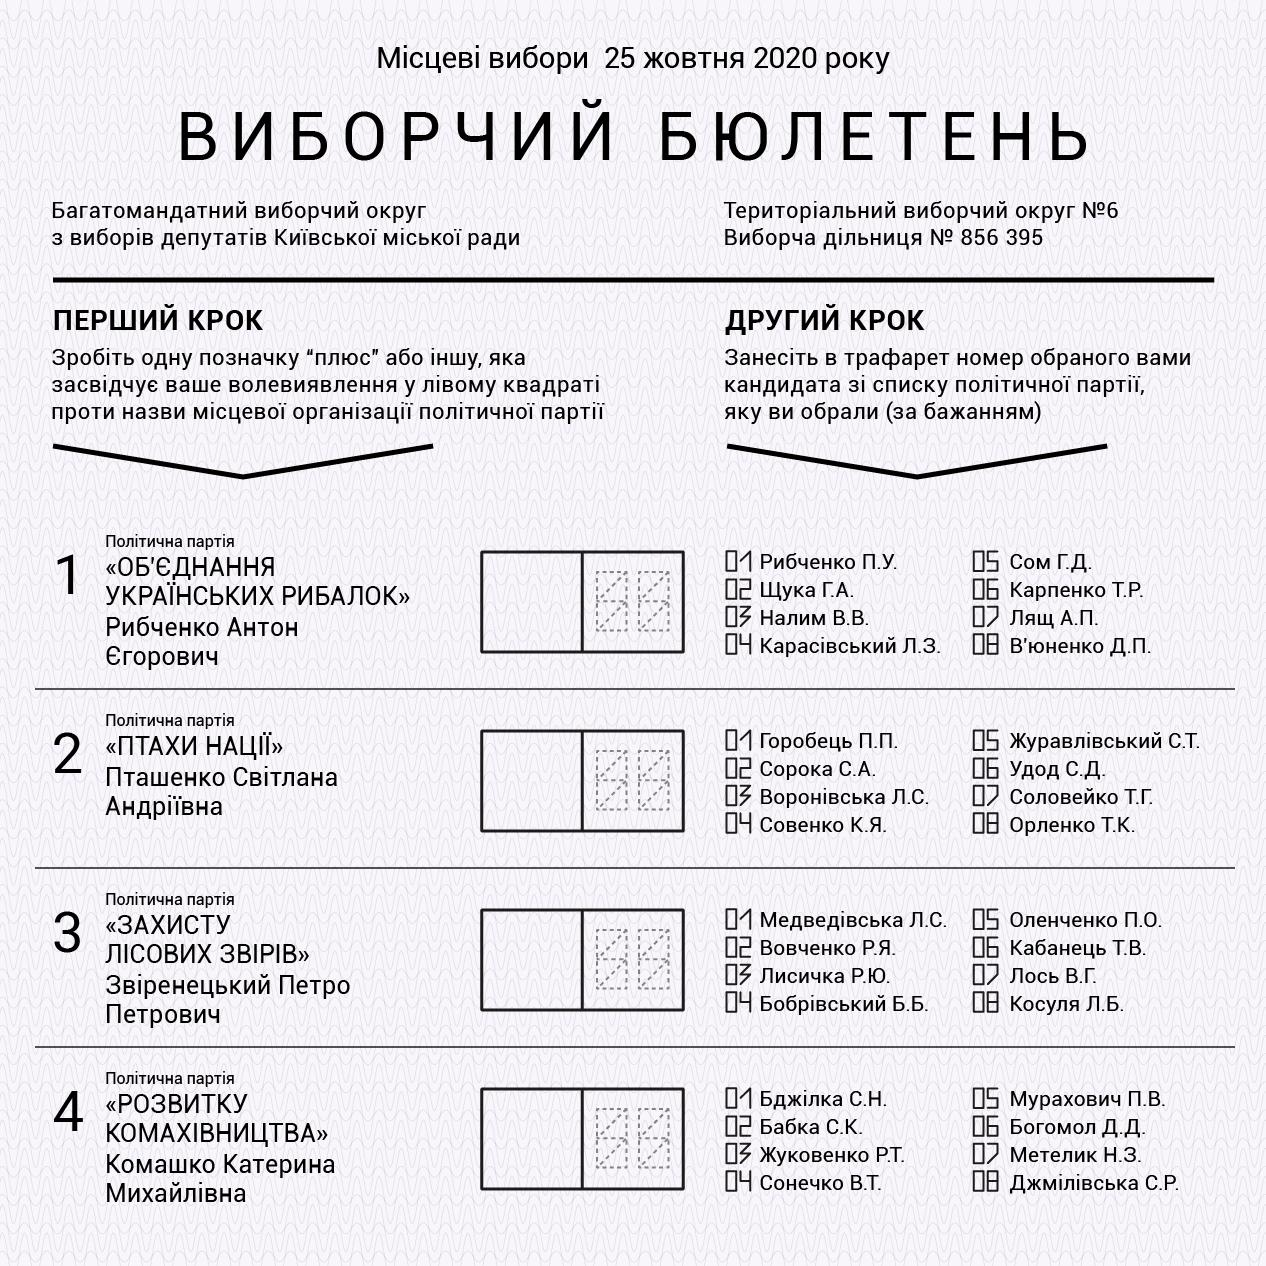 Місцеві вибори в Києві: як проголосувати